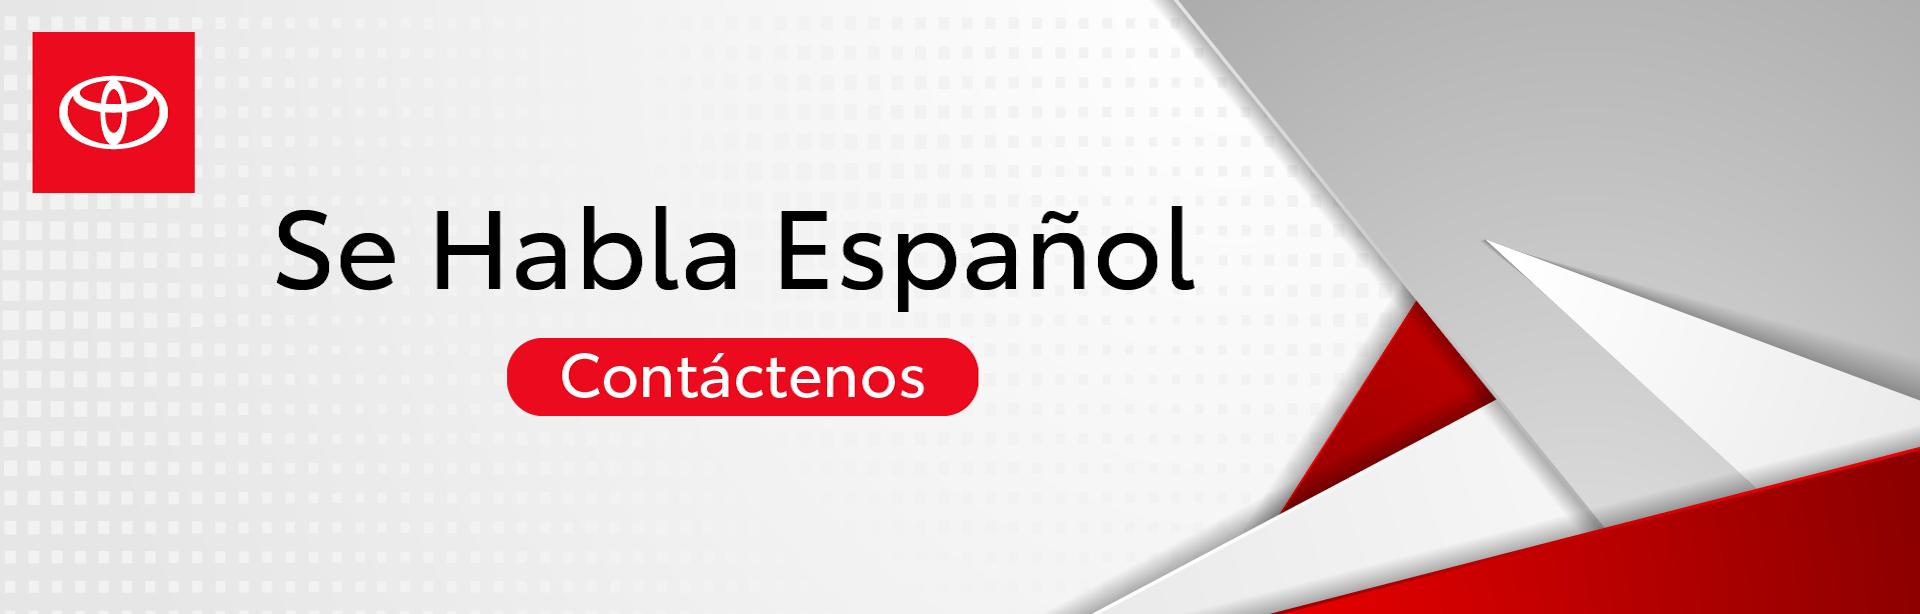 Plaza-Spanish4x3